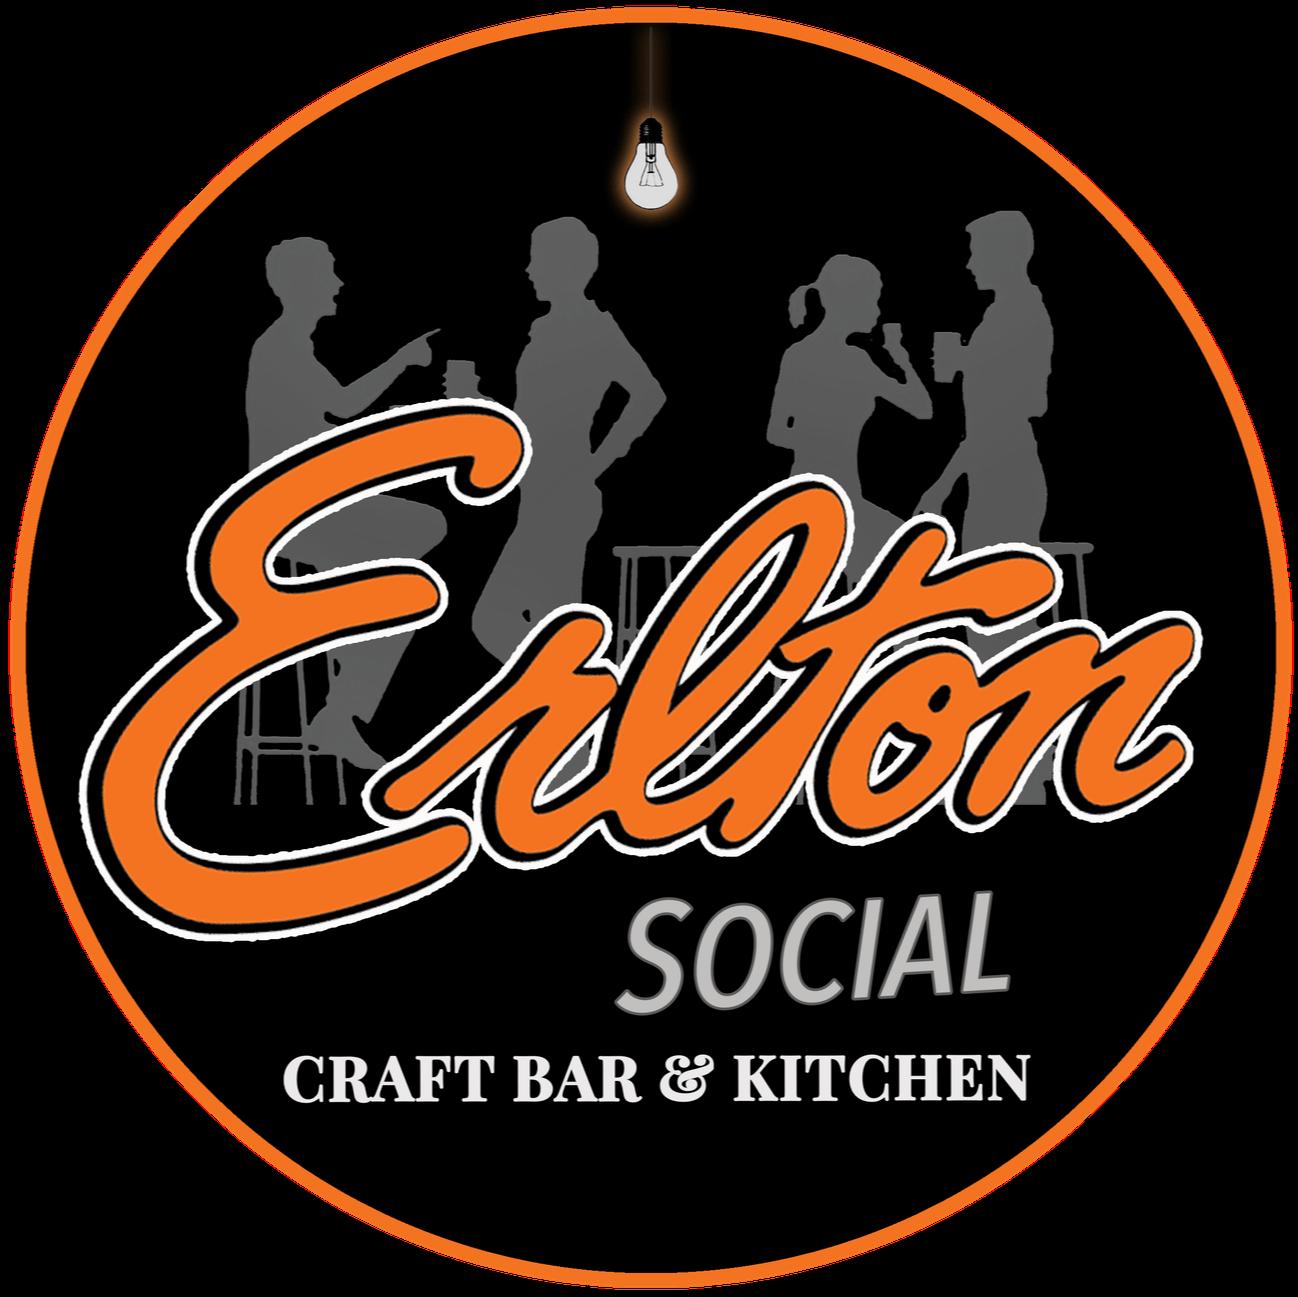 Erlton Social Home